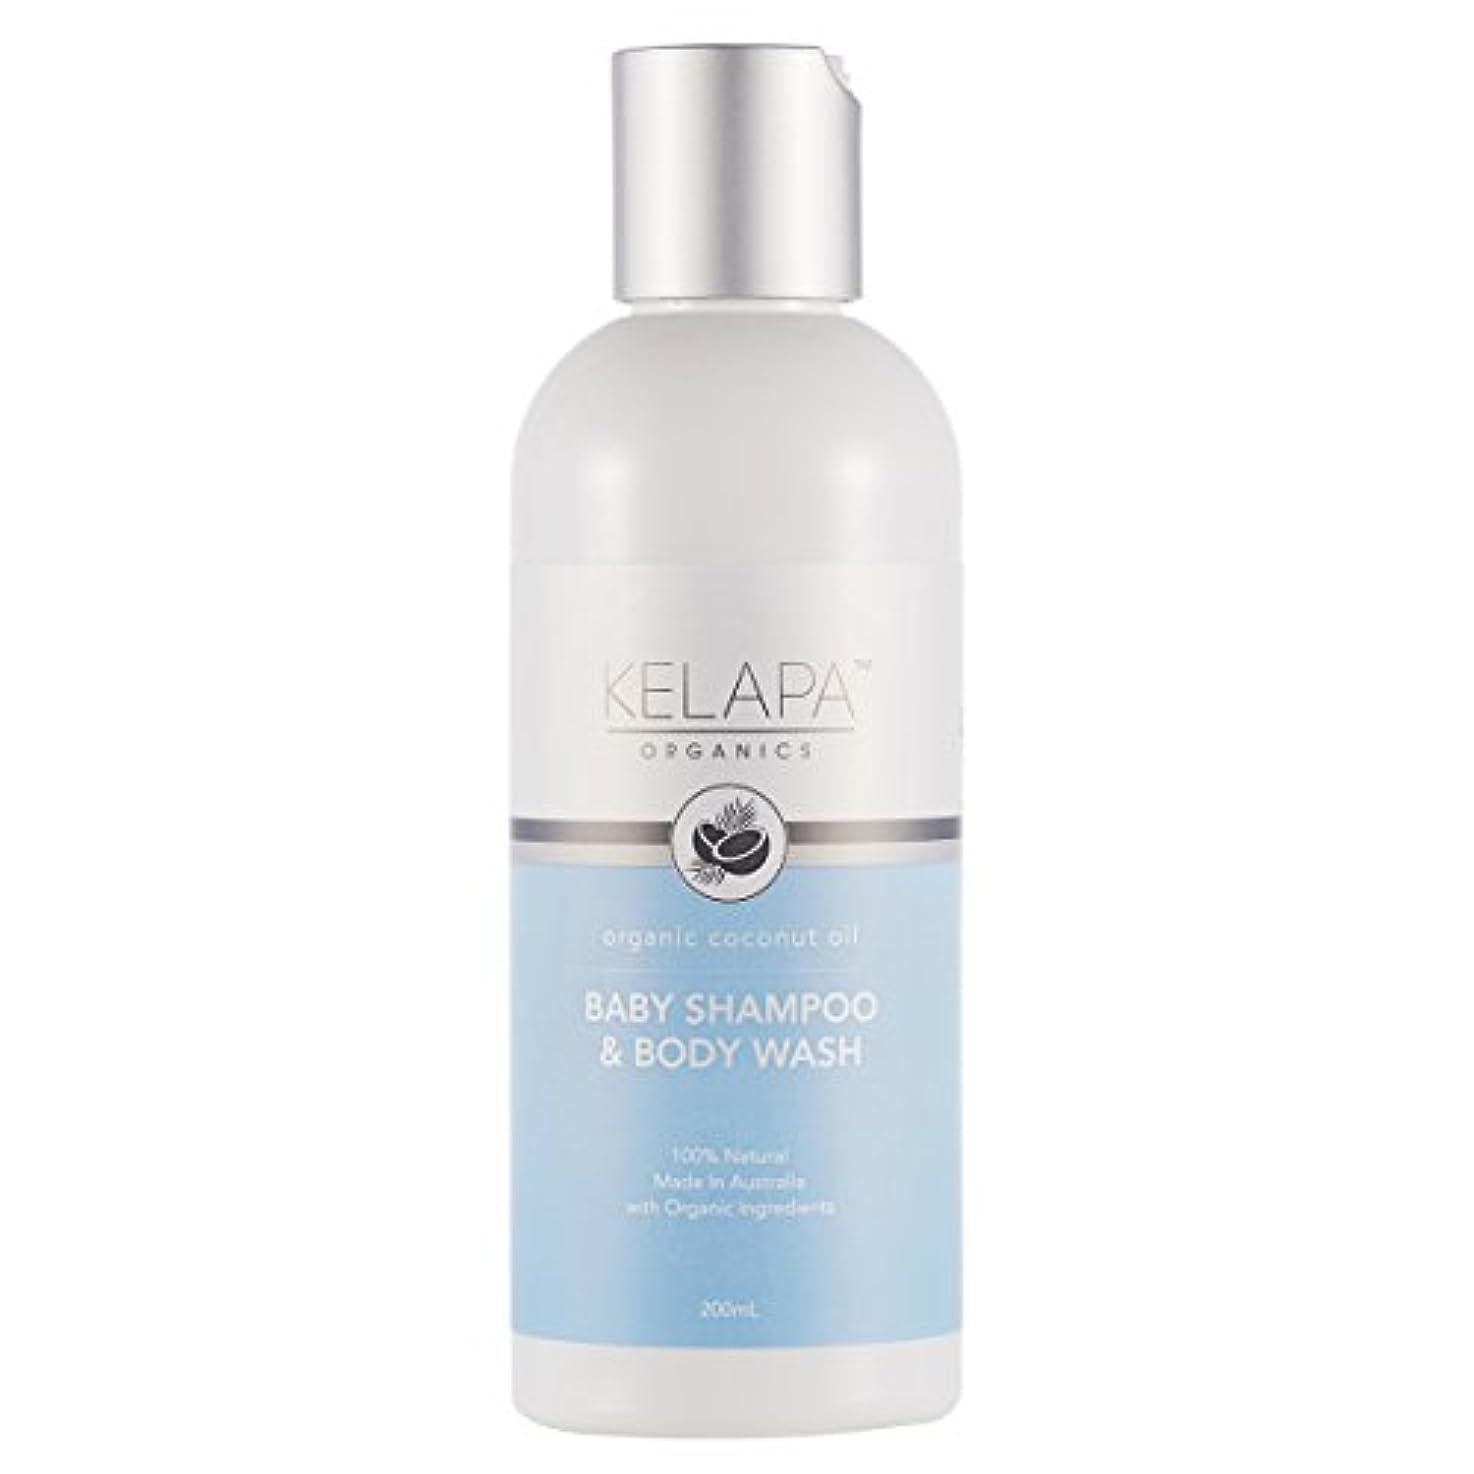 汚れた弾丸メロディアスKelapa Organics Baby Shampoo & Body Wash ベイビーシャンプー&ボディウォッシュ 200ml